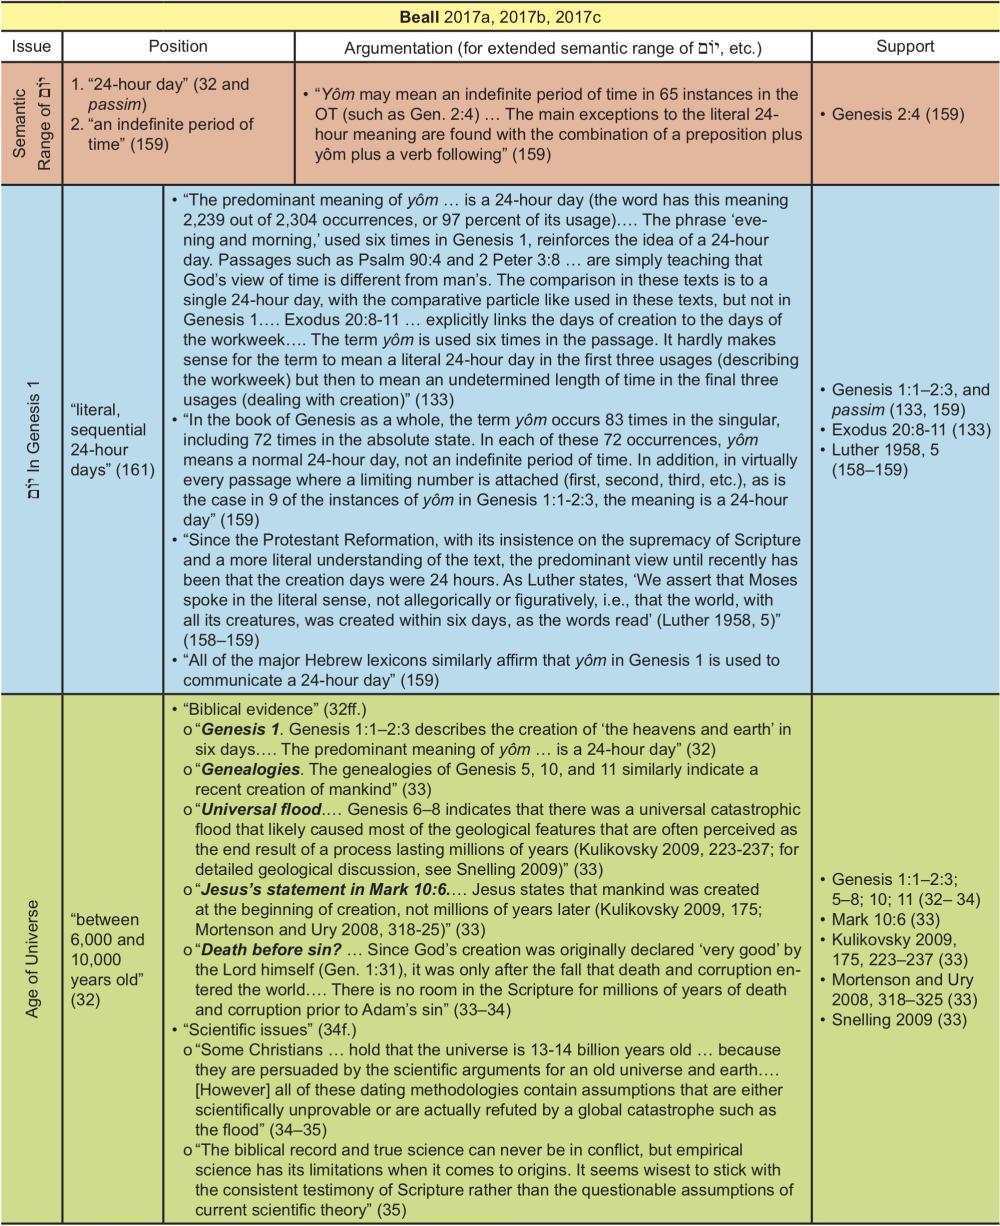 Appendix Table 2